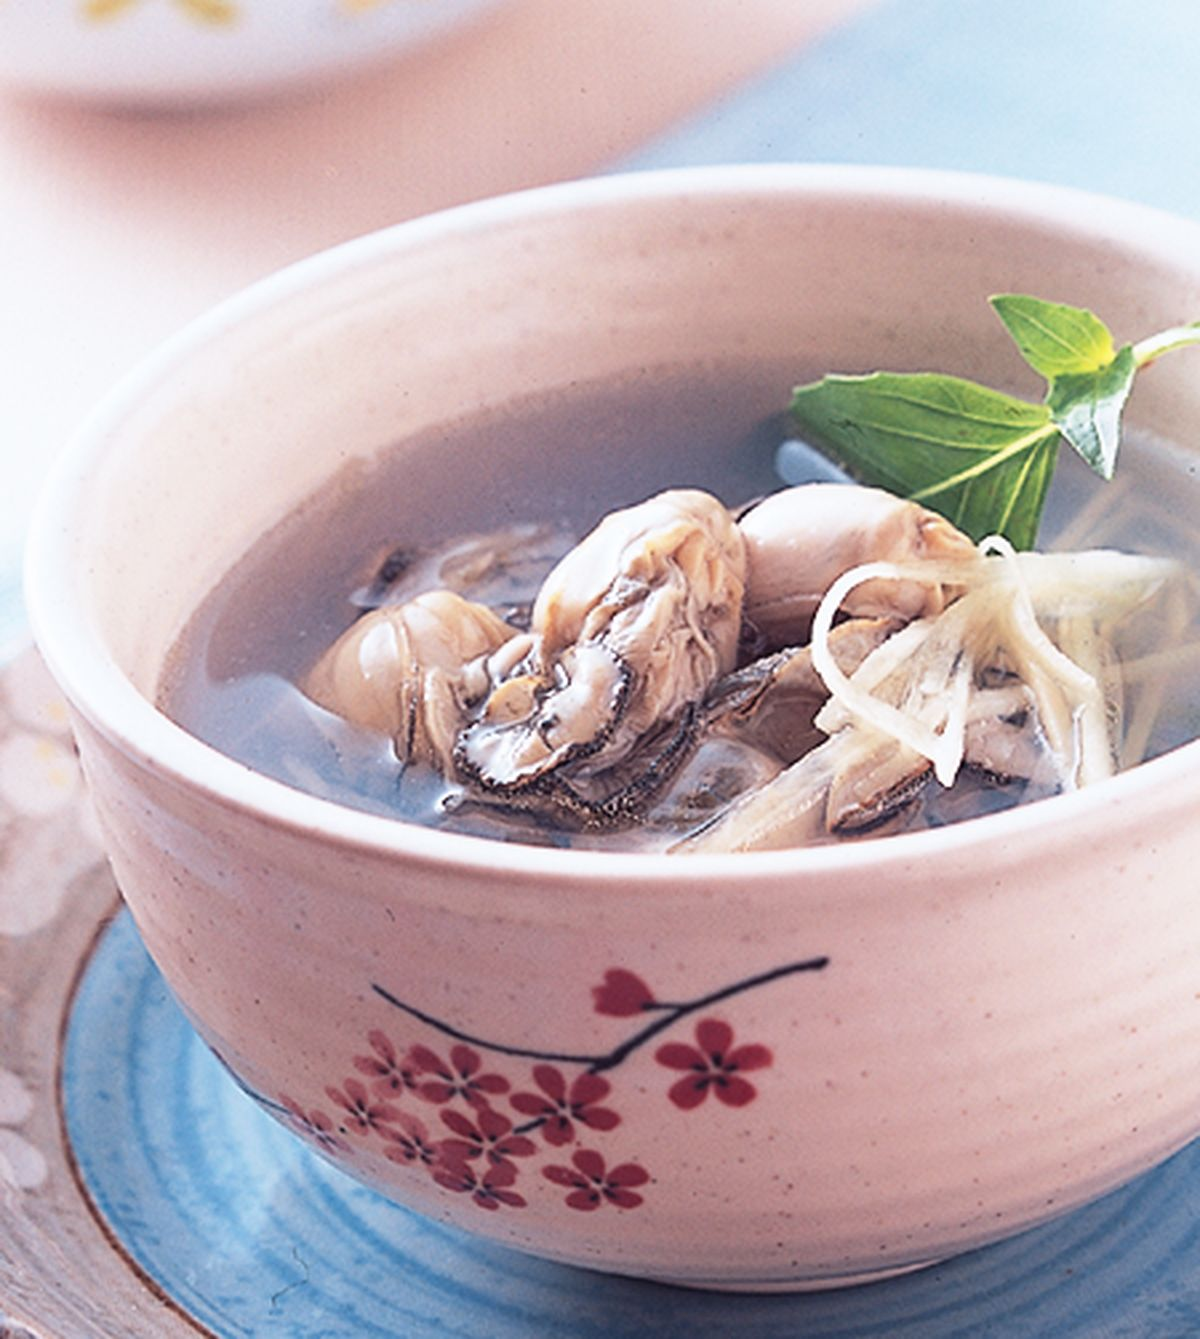 食譜:薑絲塔香鮮蚵湯